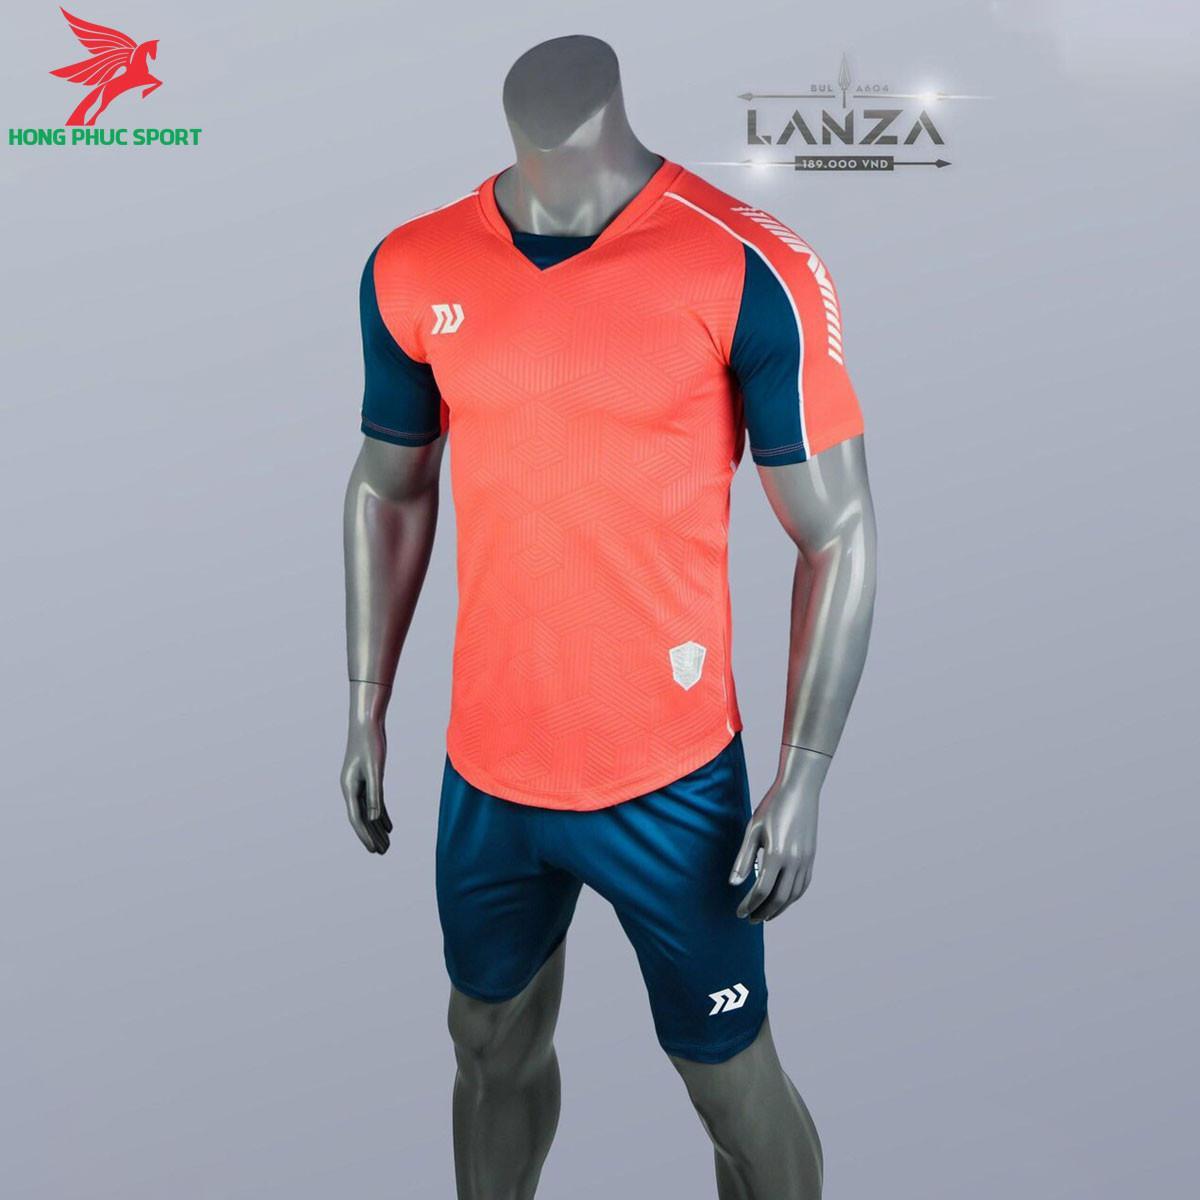 Áo đá banh không logo Bulbal Lanza 2021 màu Cam